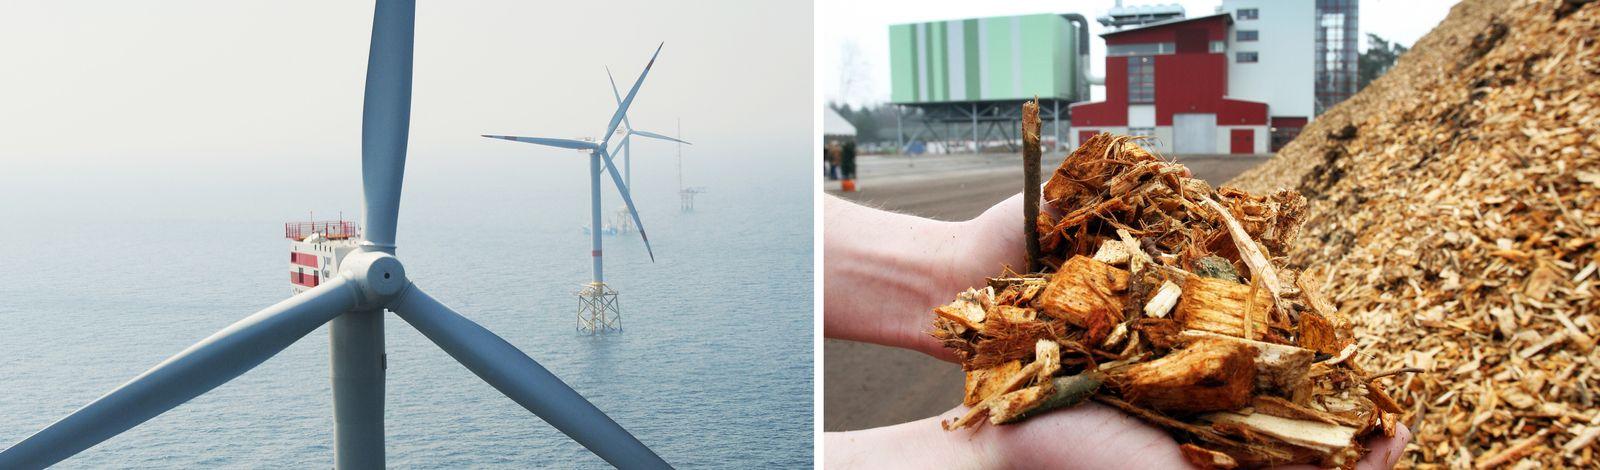 EINMALIGE VERWENDUNG links offshore-windrder, rechts biomassekraftwerk